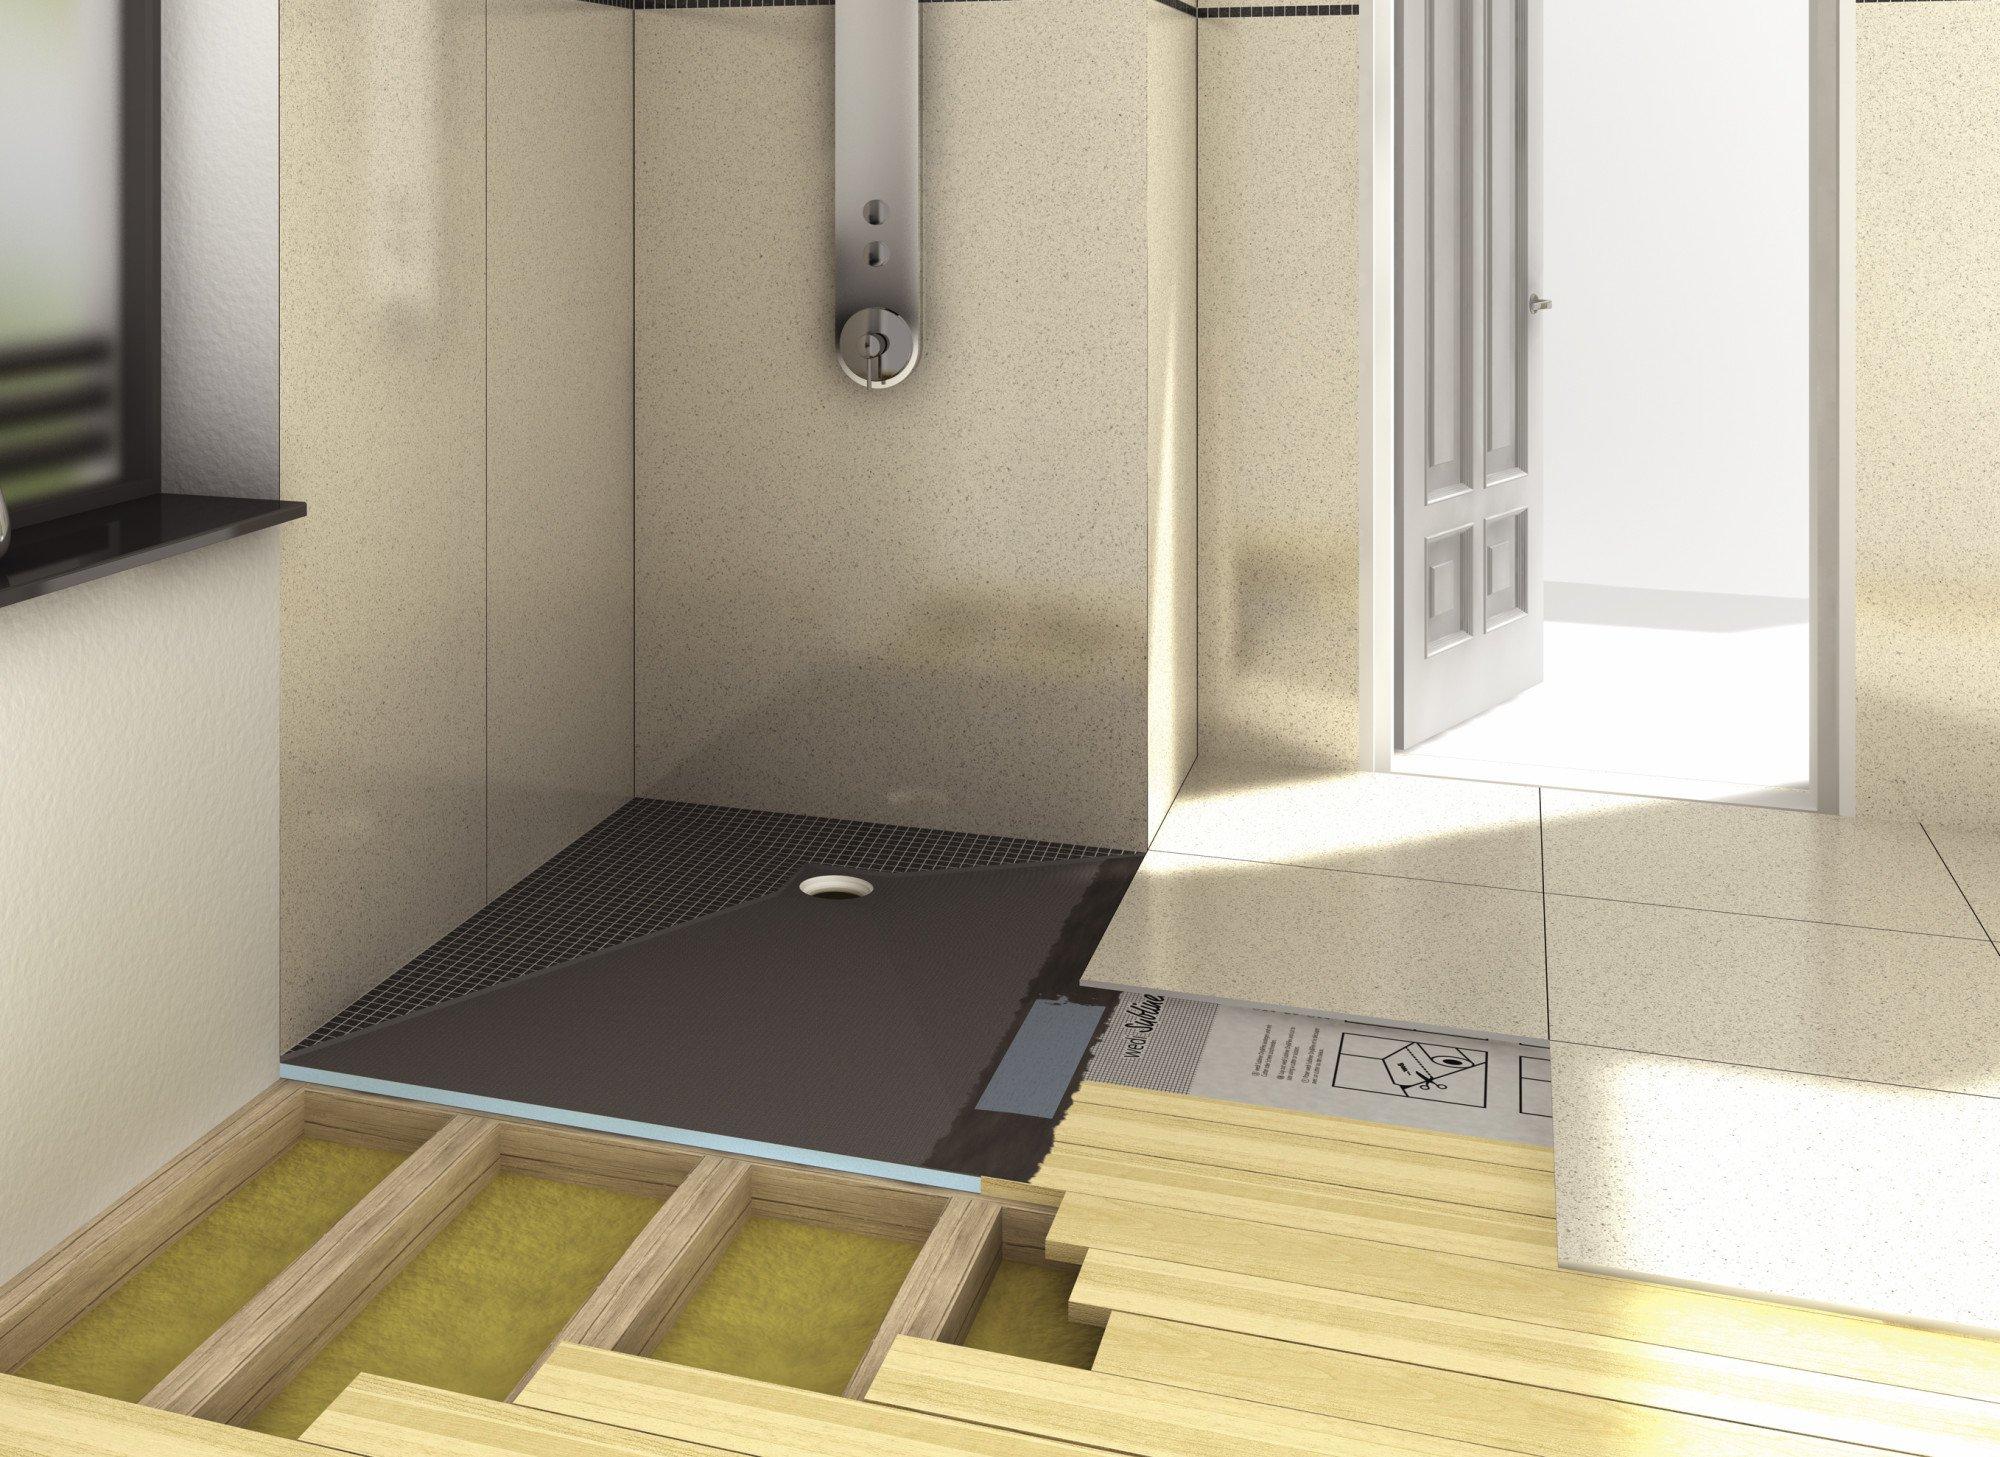 Full Size of Dusche Bodengleich Duschboard 120x90 Mit Duschrinne 80 Cm Breuer Duschen Glasabtrennung Antirutschmatte Walkin Bodengleiche Nachträglich Einbauen 90x90 Dusche Dusche Bodengleich